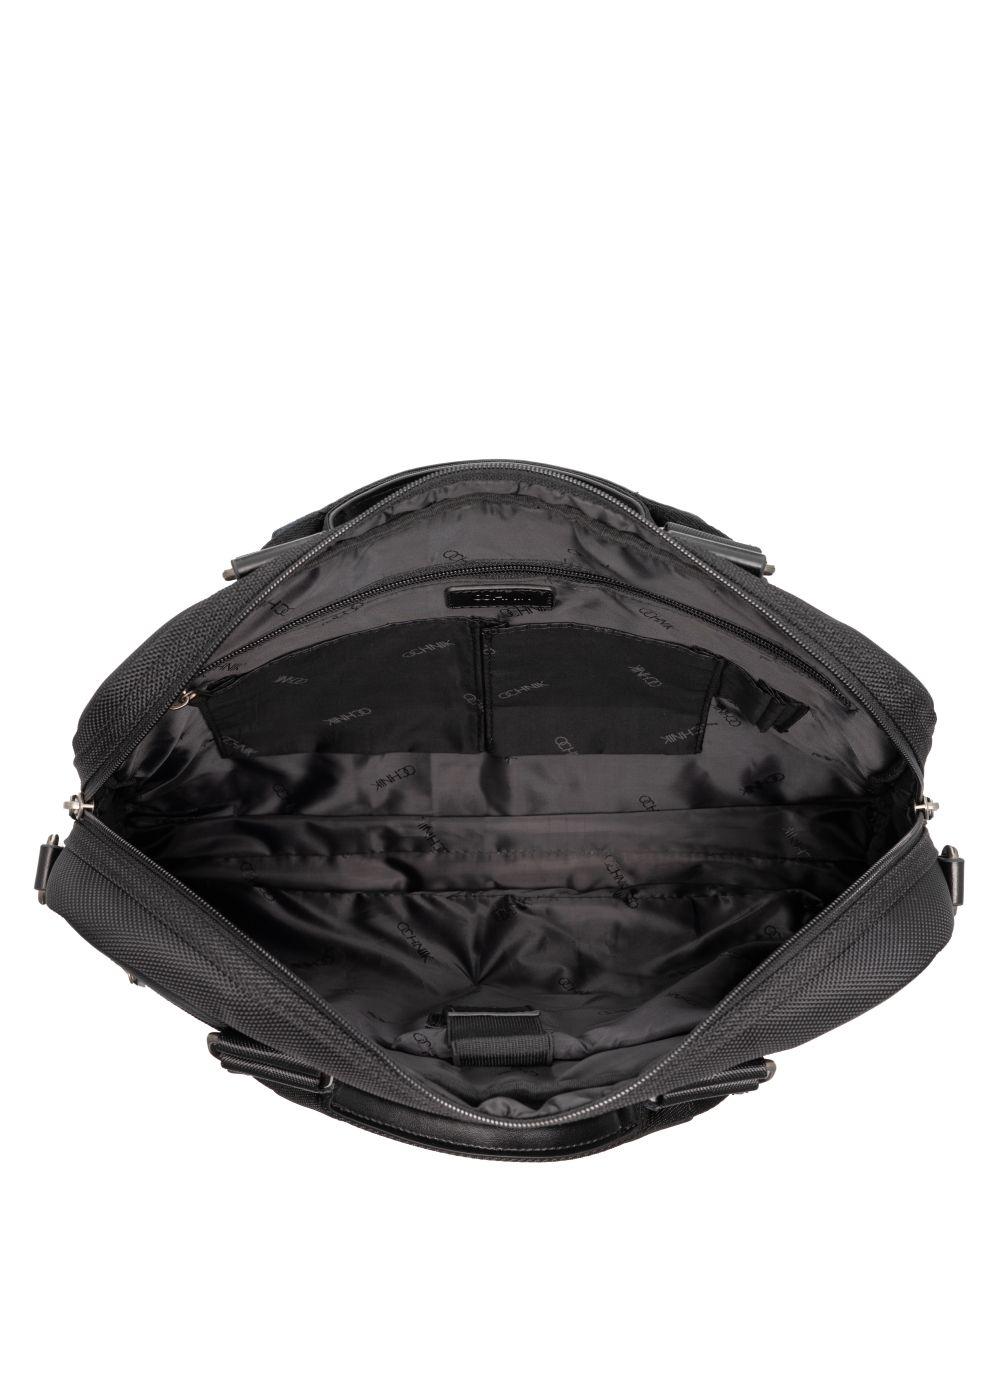 Torba męska TORMN-0119-99(W20)